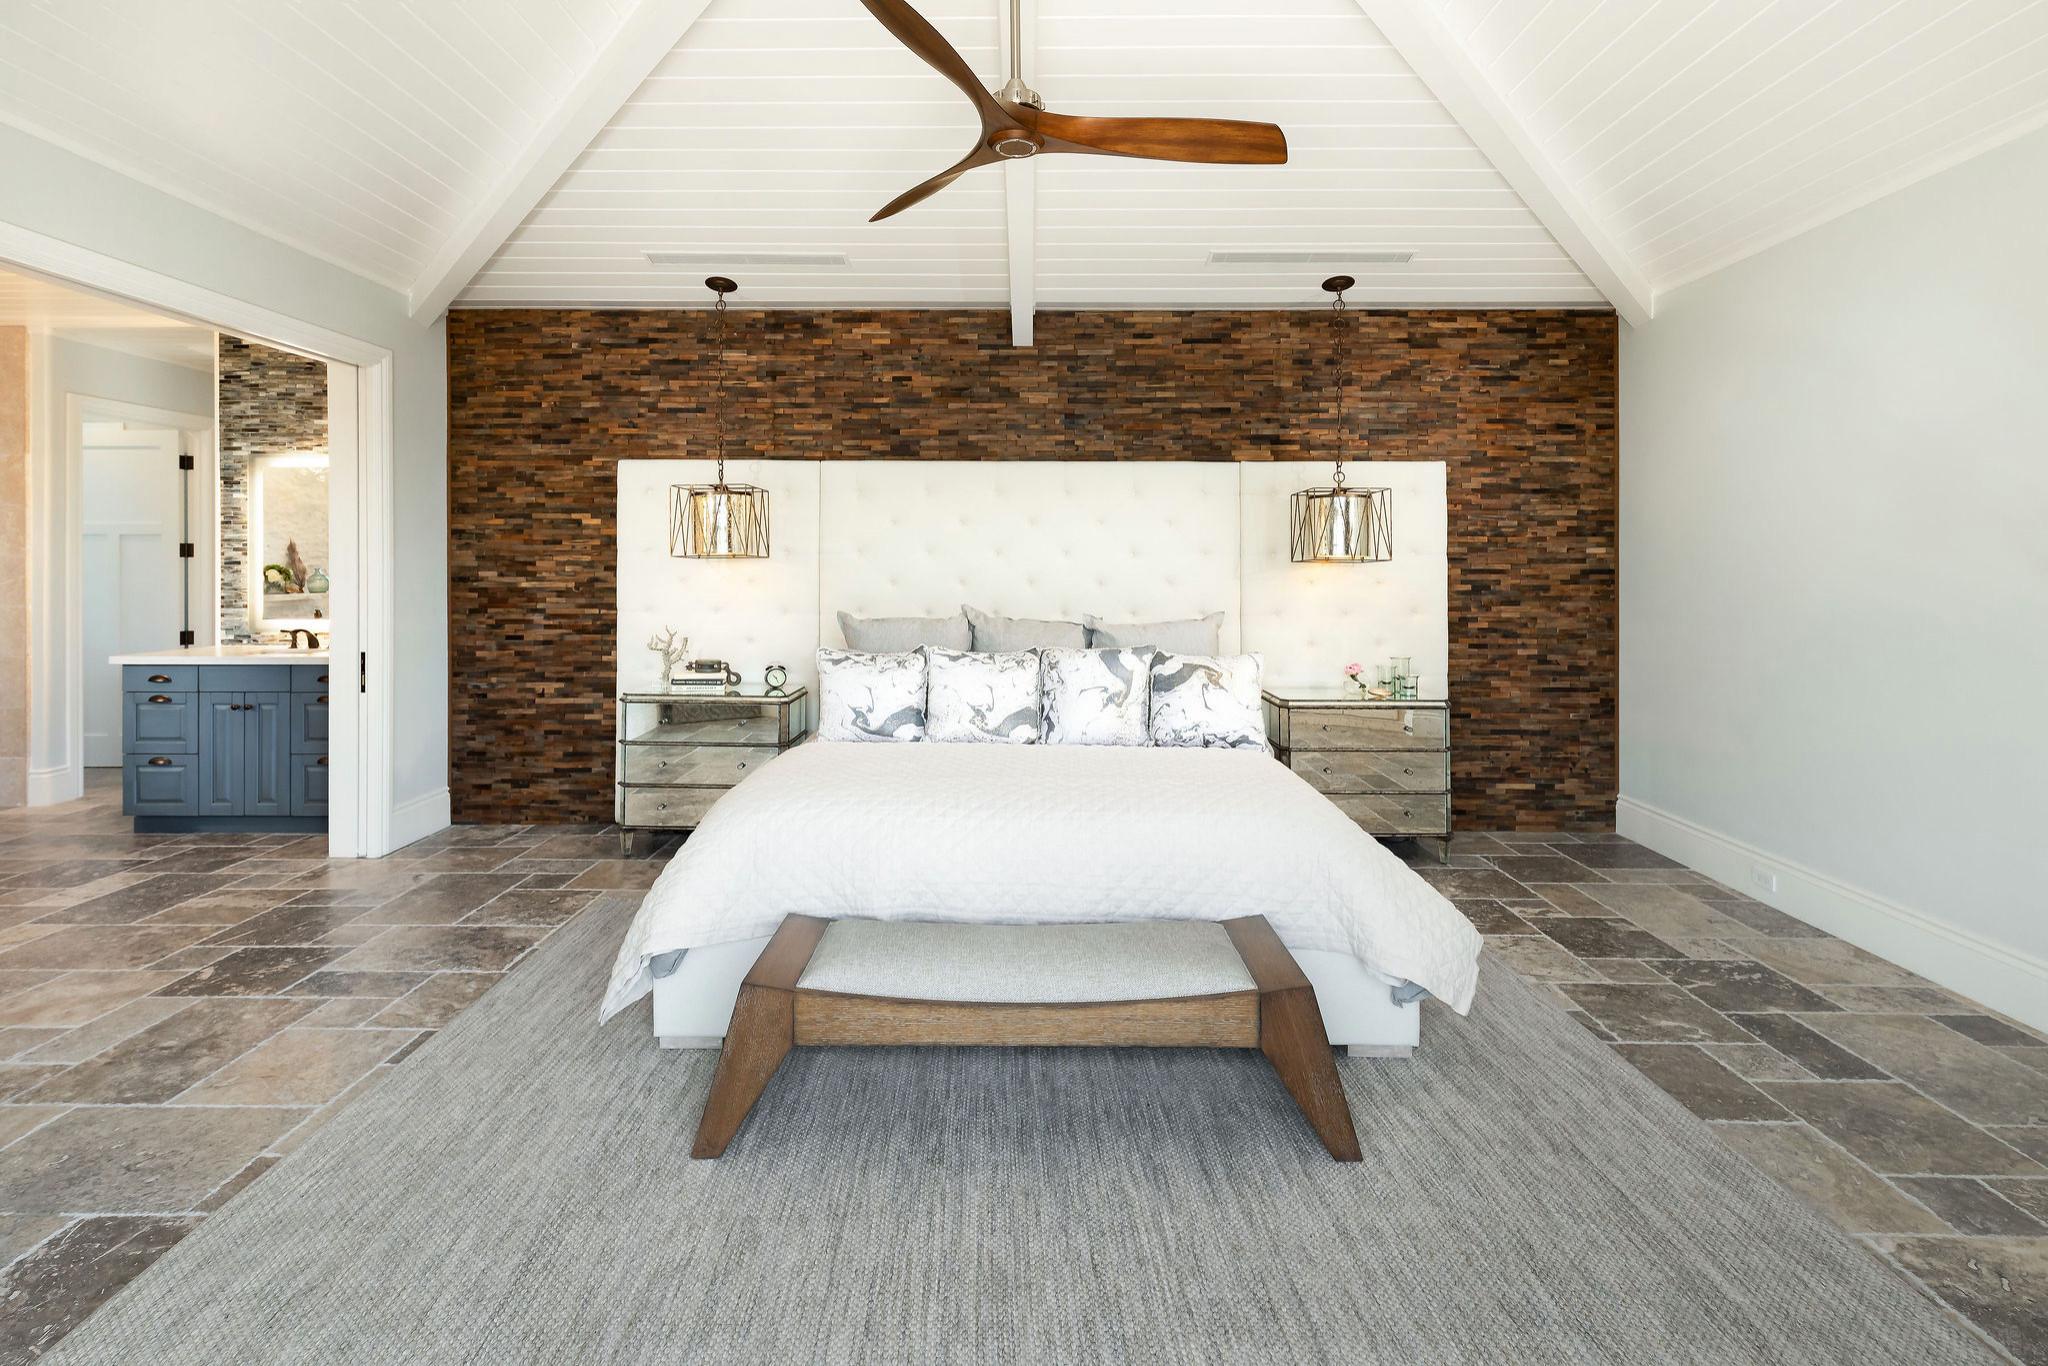 999 Beautiful Bedroom Pictures Ideas October 2020 Houzz